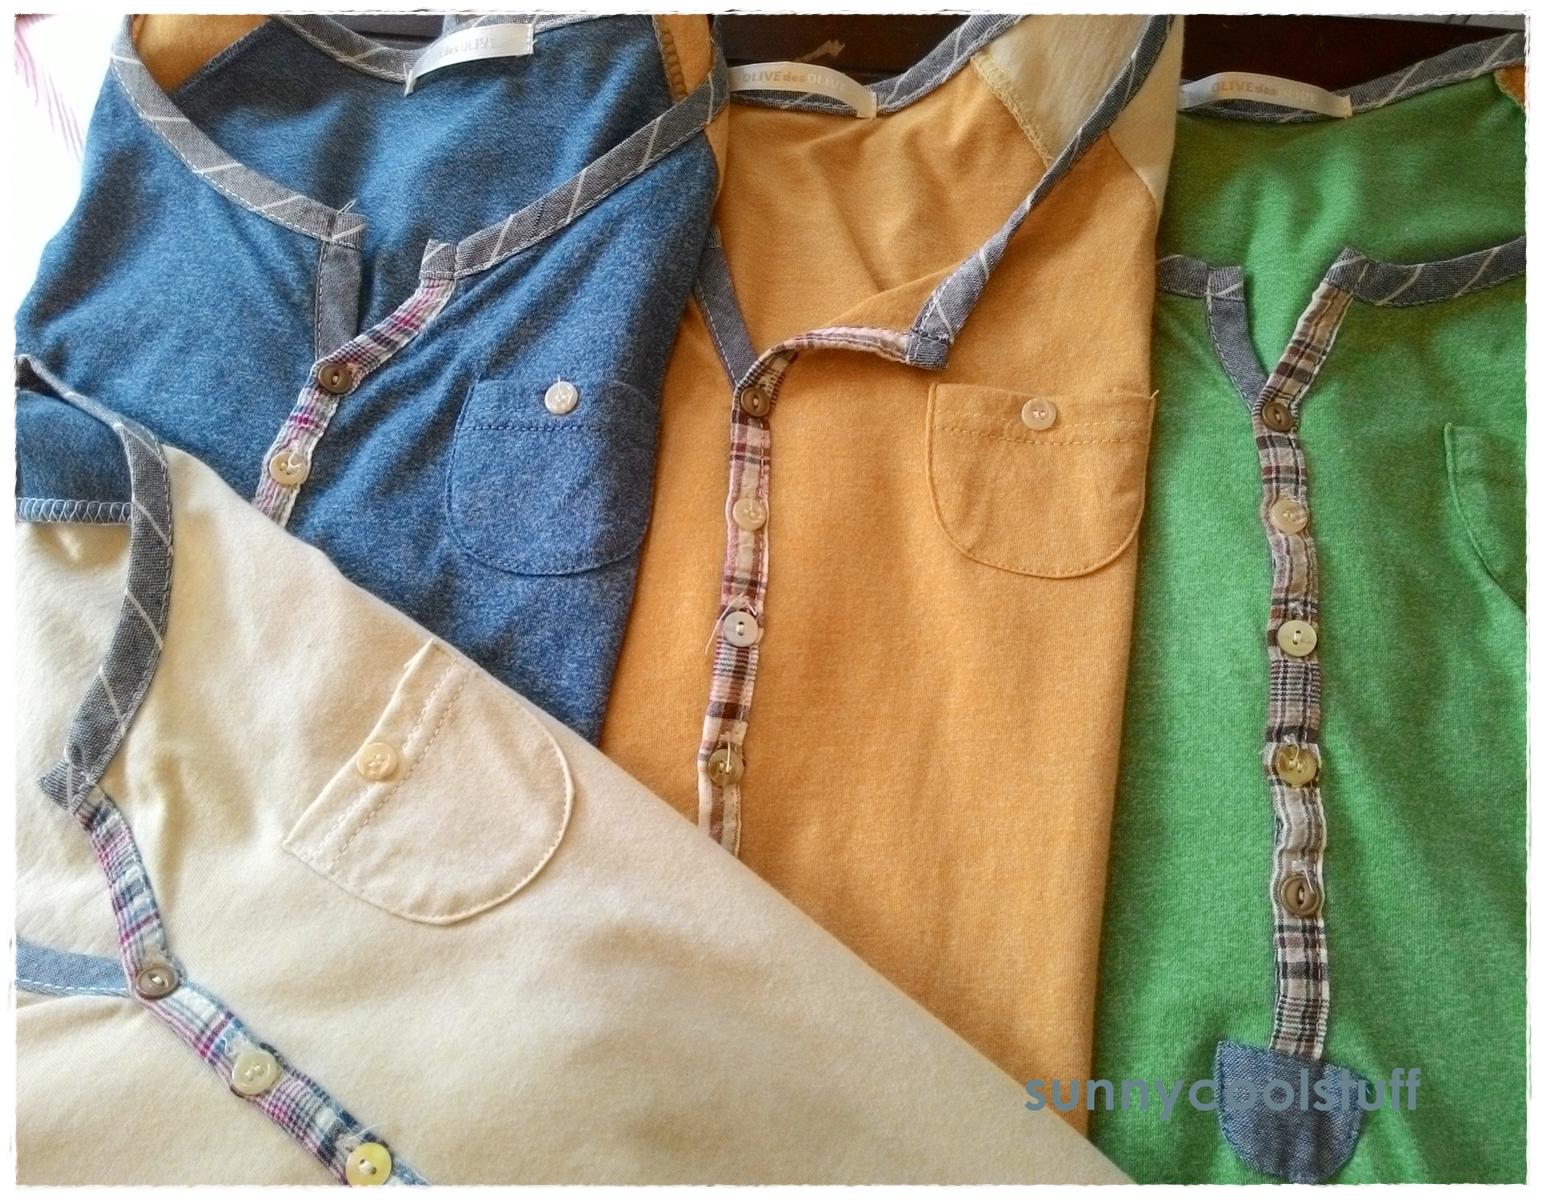 เสื้อยืดตัวยาว เนื้อผ้ายืดบางนิ่ม แต่งสลับสีผ้าที่แขนเสื้อ**สีเหลือง**